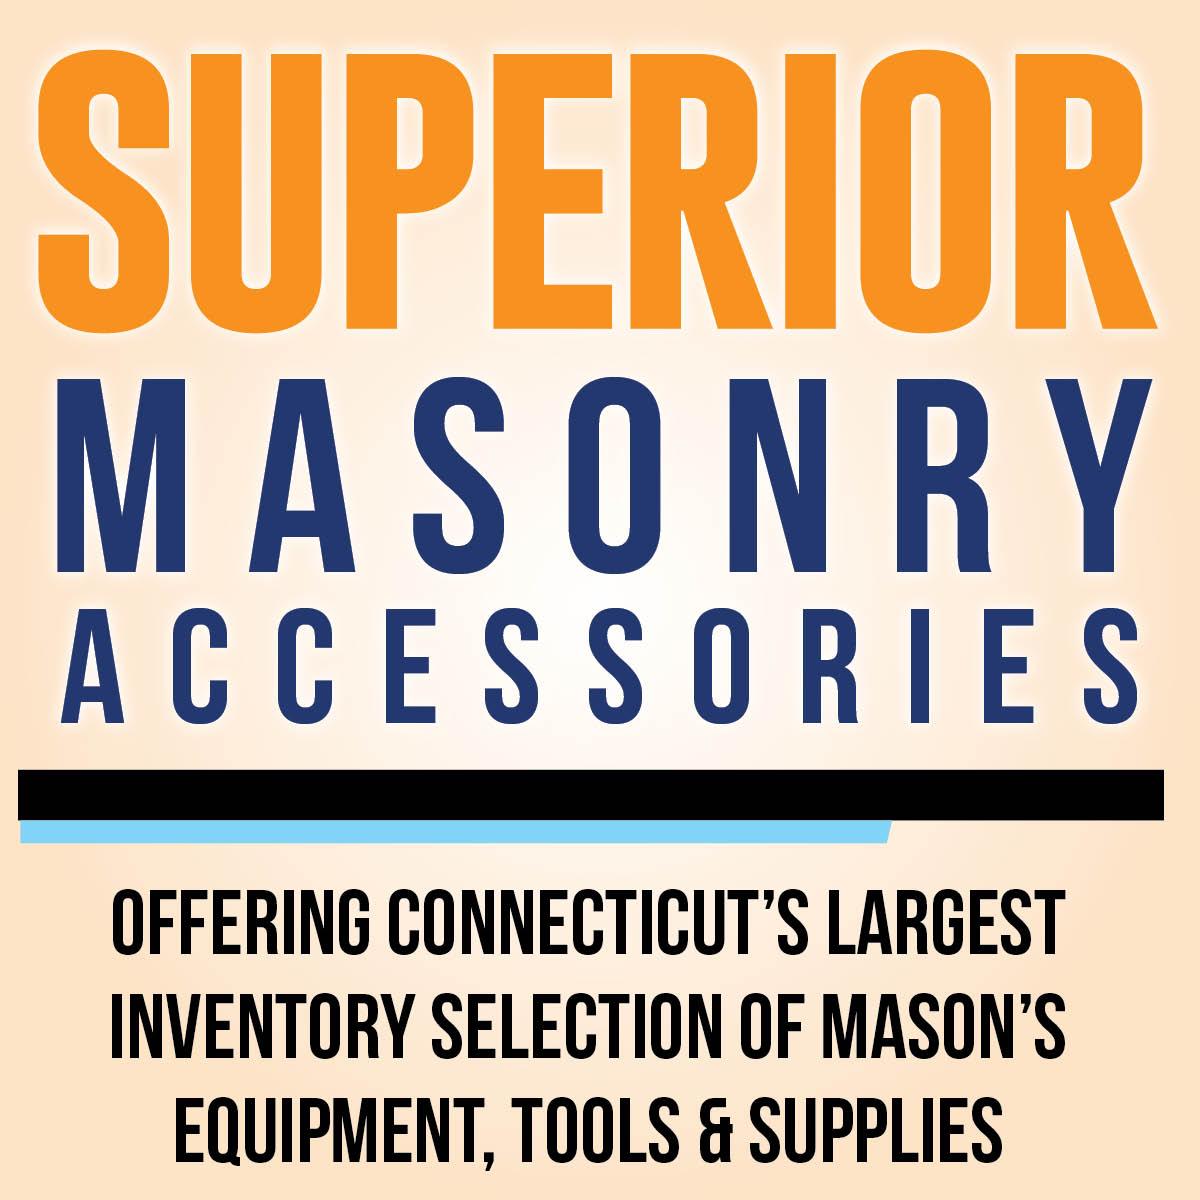 Masonry Accessories